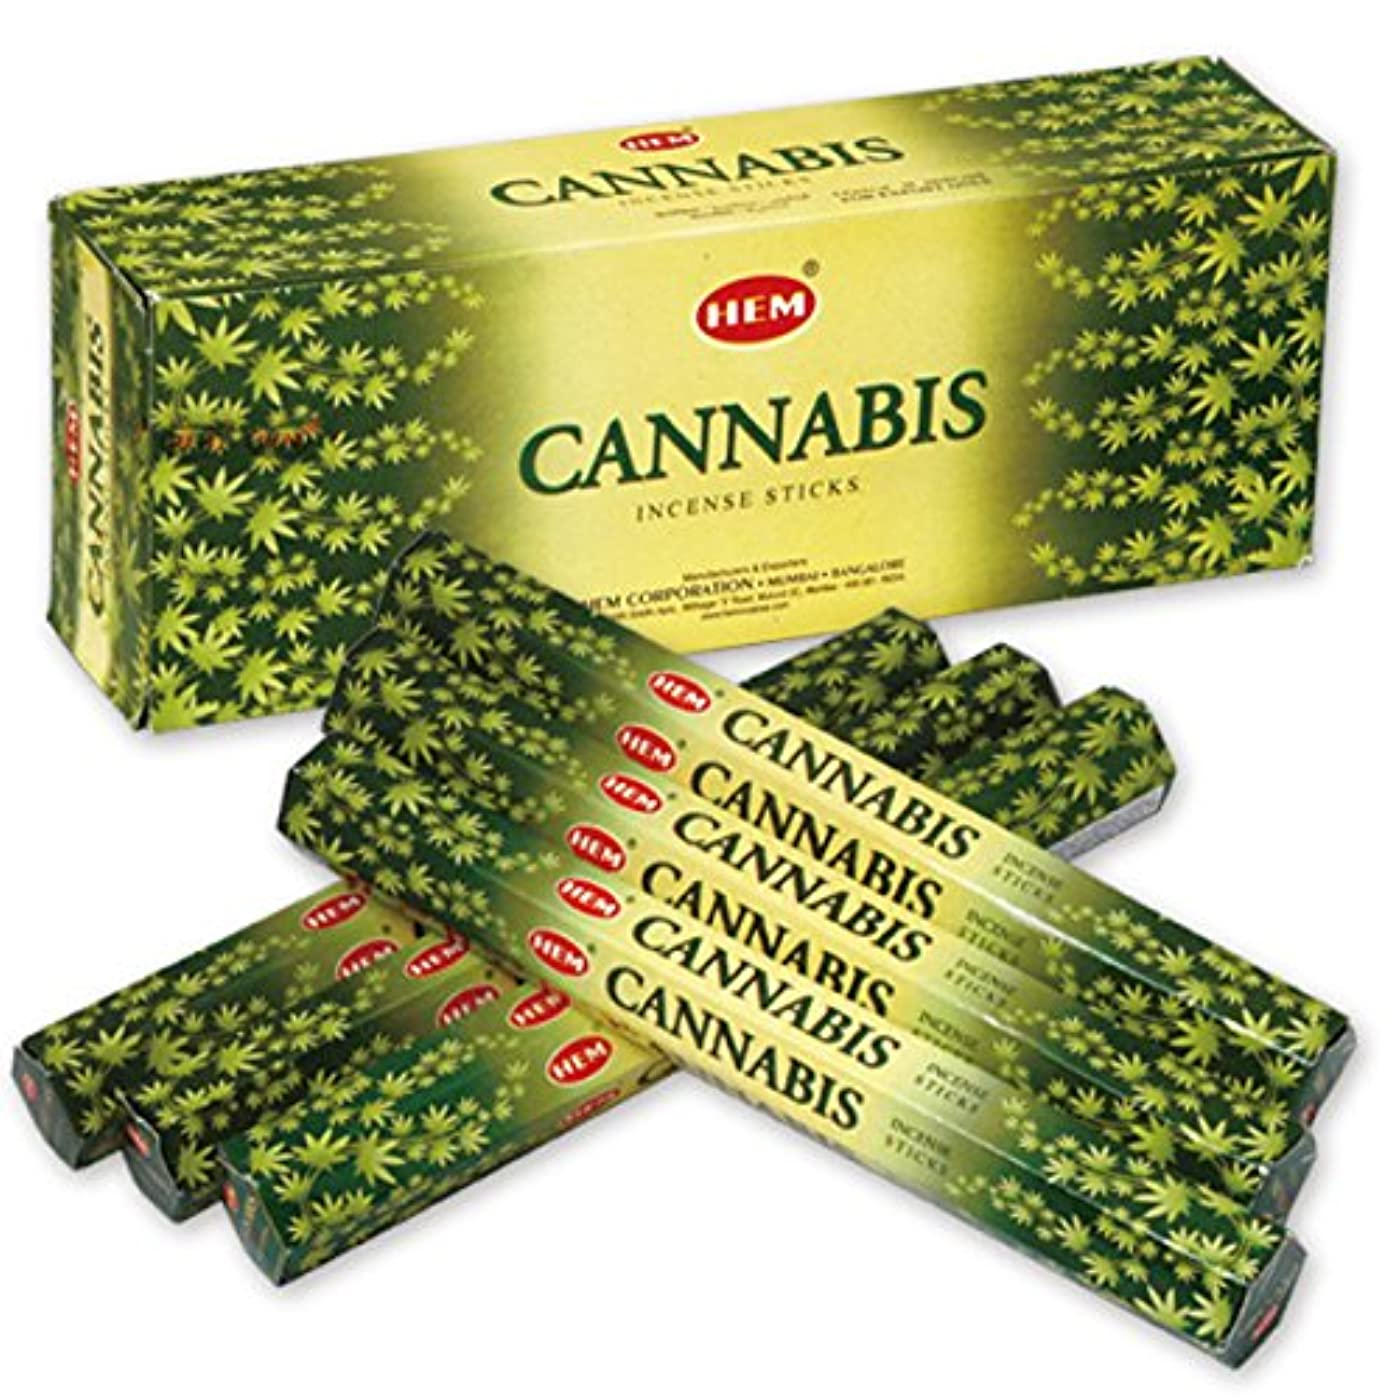 他に限られた大胆なHEM(ヘム) カナビス CANNABIS スティックタイプ お香 6筒 セット [並行輸入品]